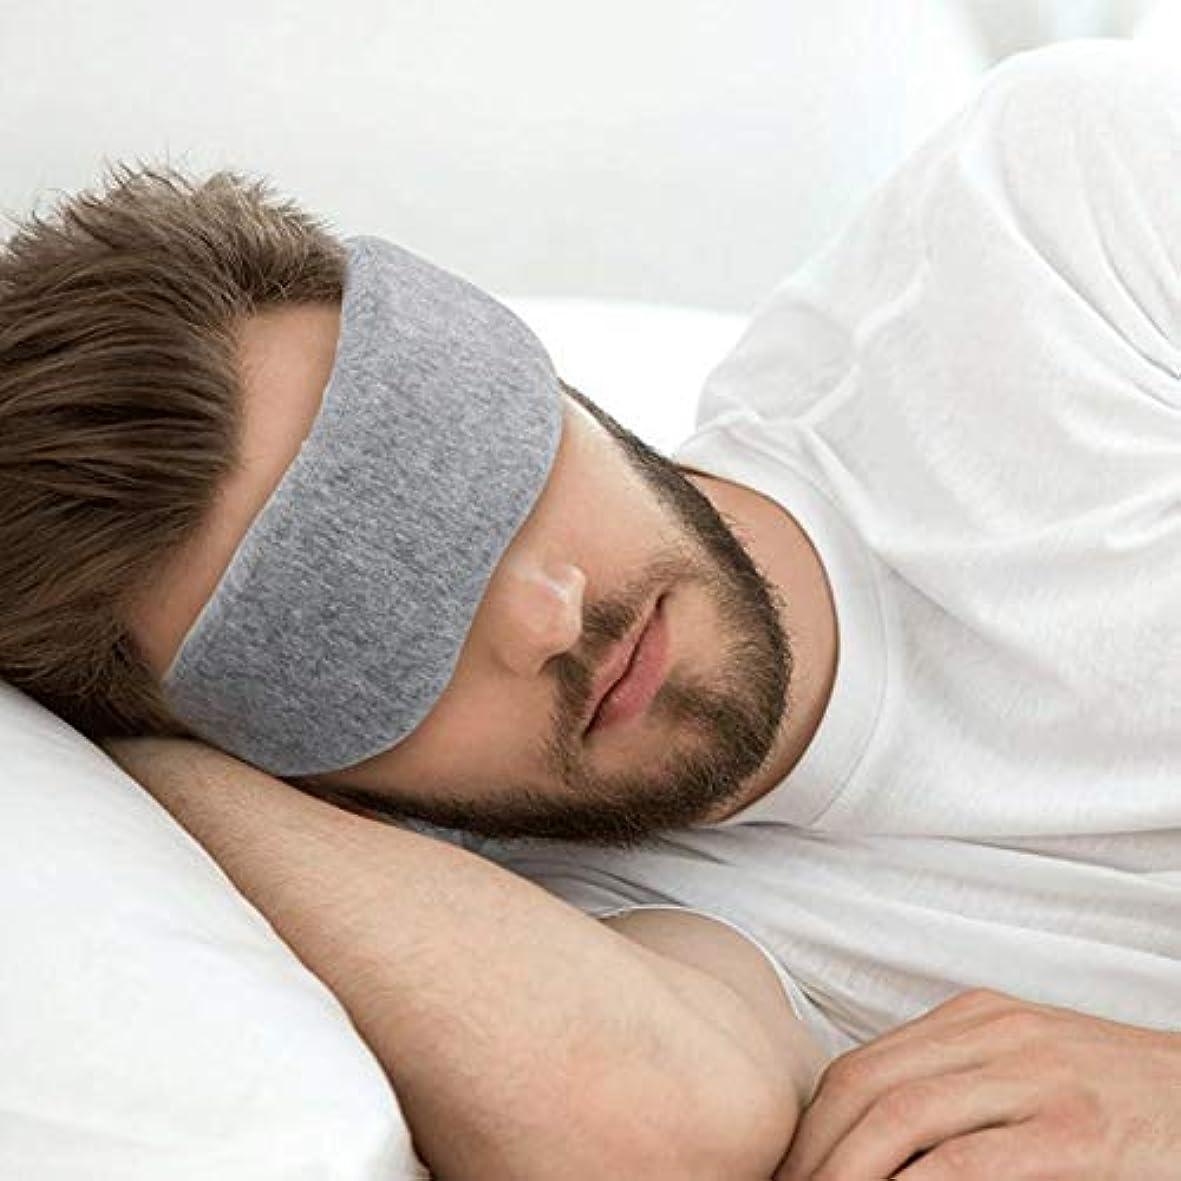 涙陽気な高速道路注1ピースニューコットンアイマスクブレンド睡眠休息アイマスクパッド入りシェードカバー超ソフトトラベルリラックス目隠しアイケアツール#1022